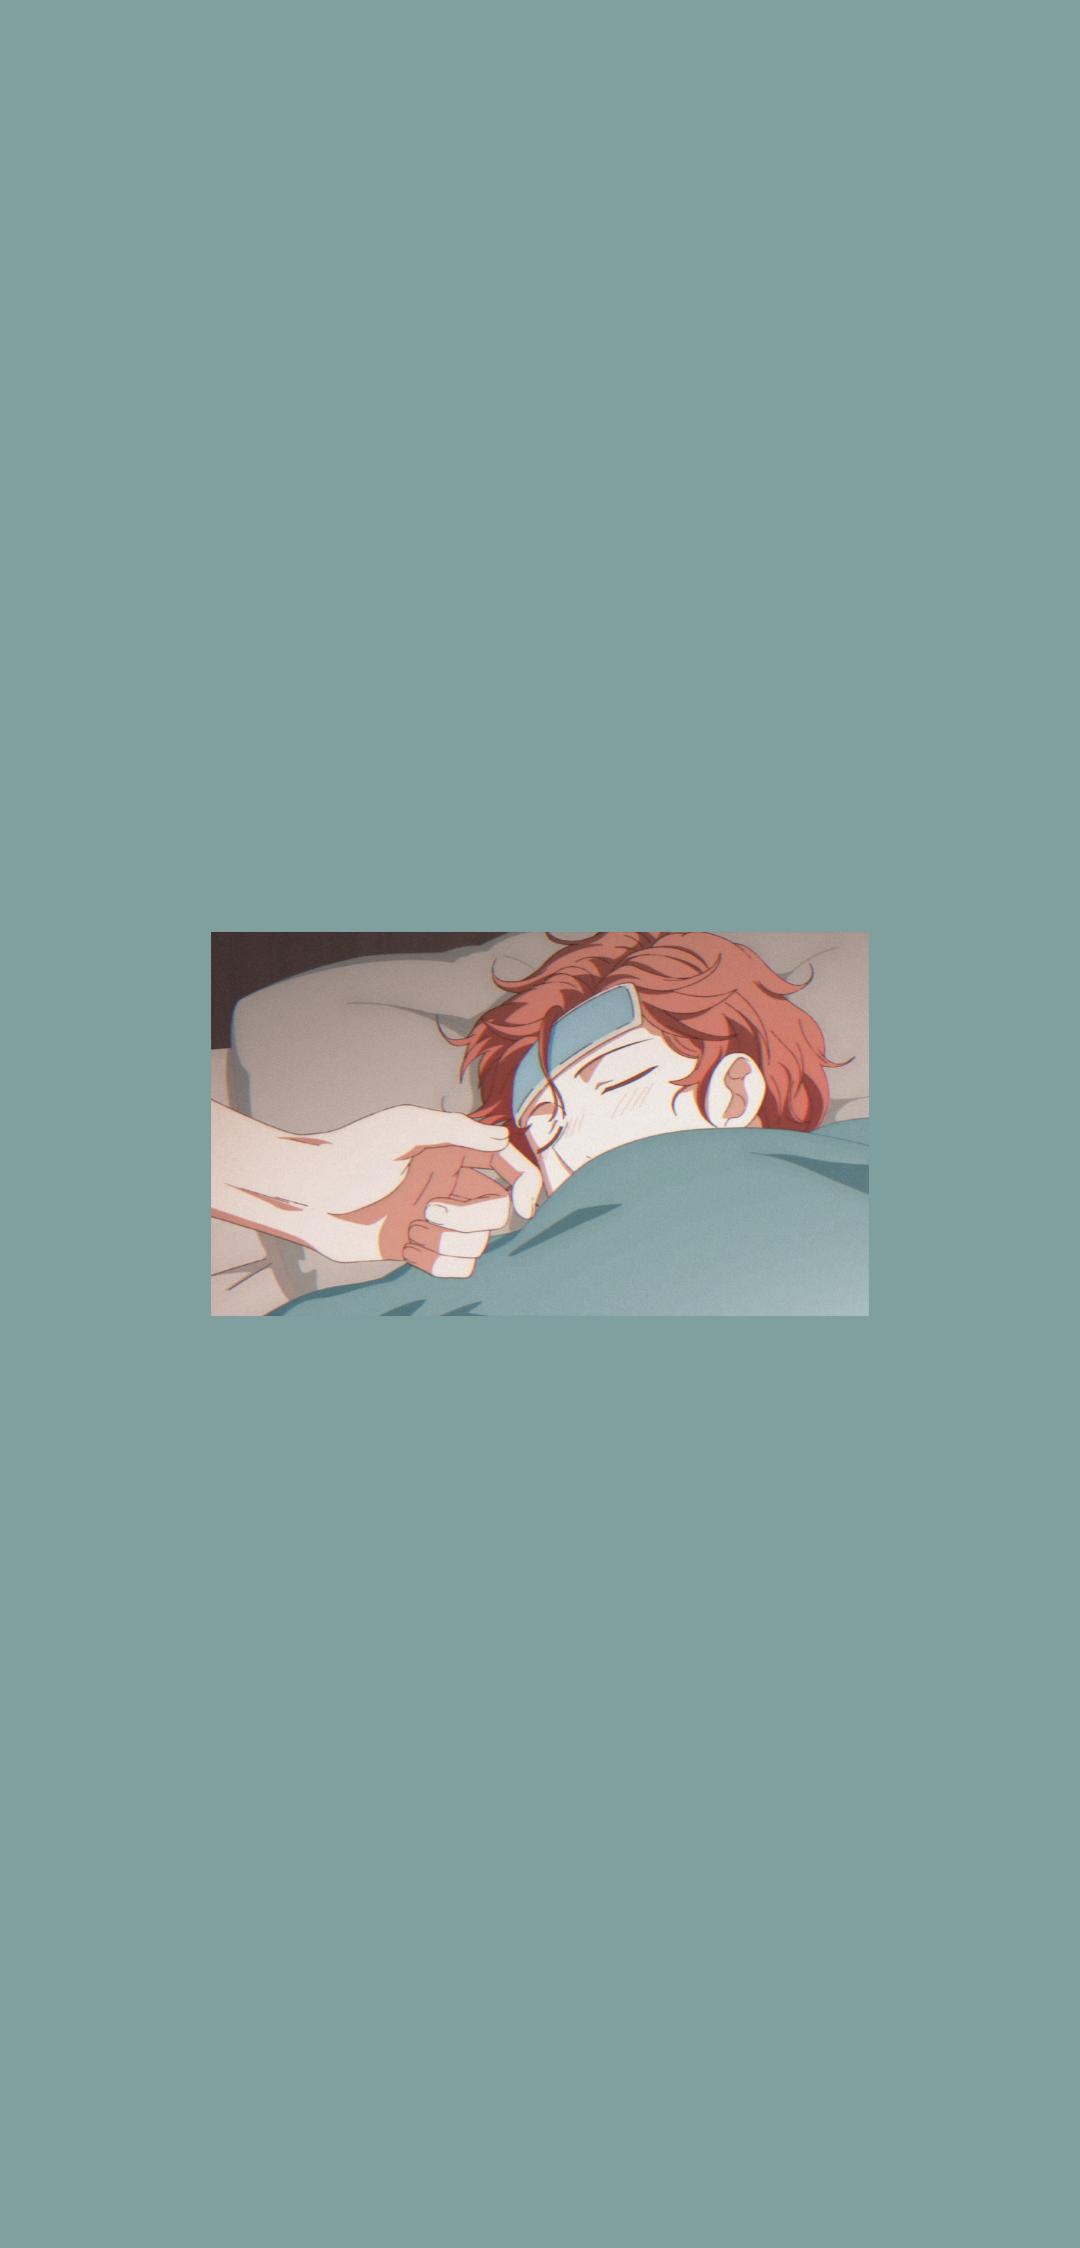 Given Anime Anime Animes Wallpapers Manga Anime